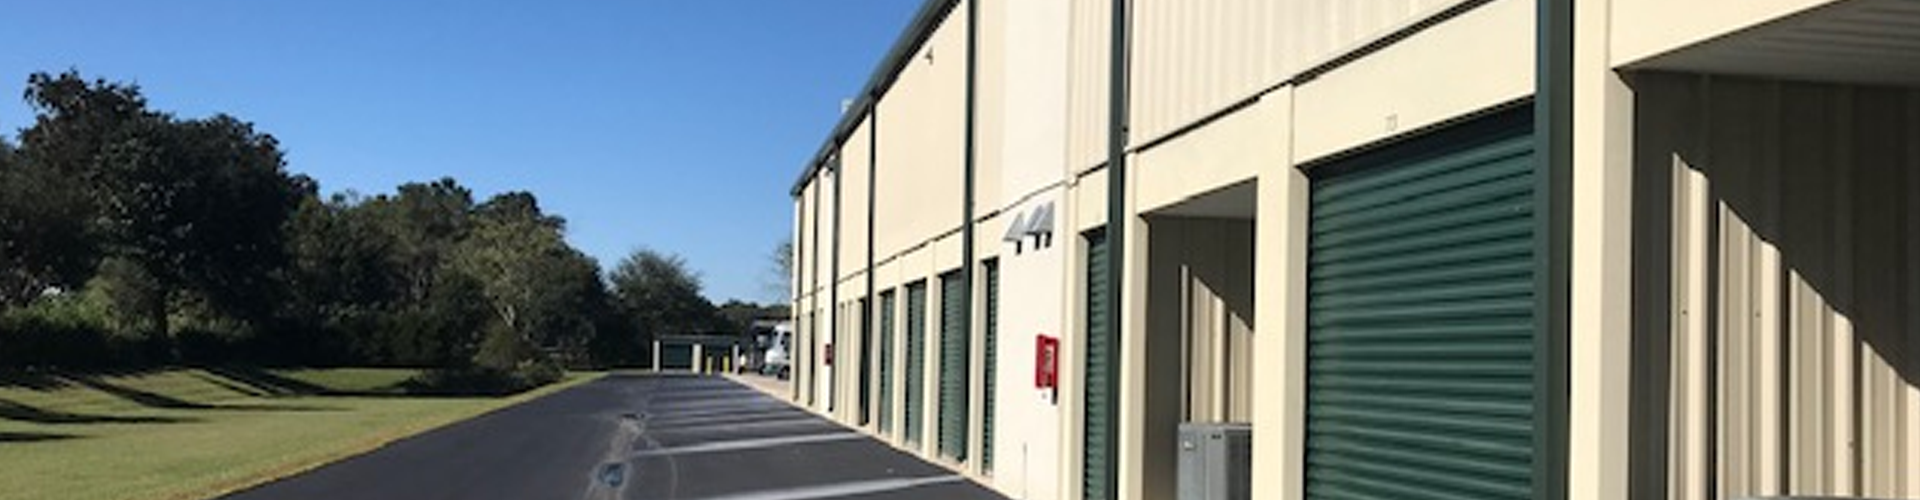 Ocala FL Storage Facility